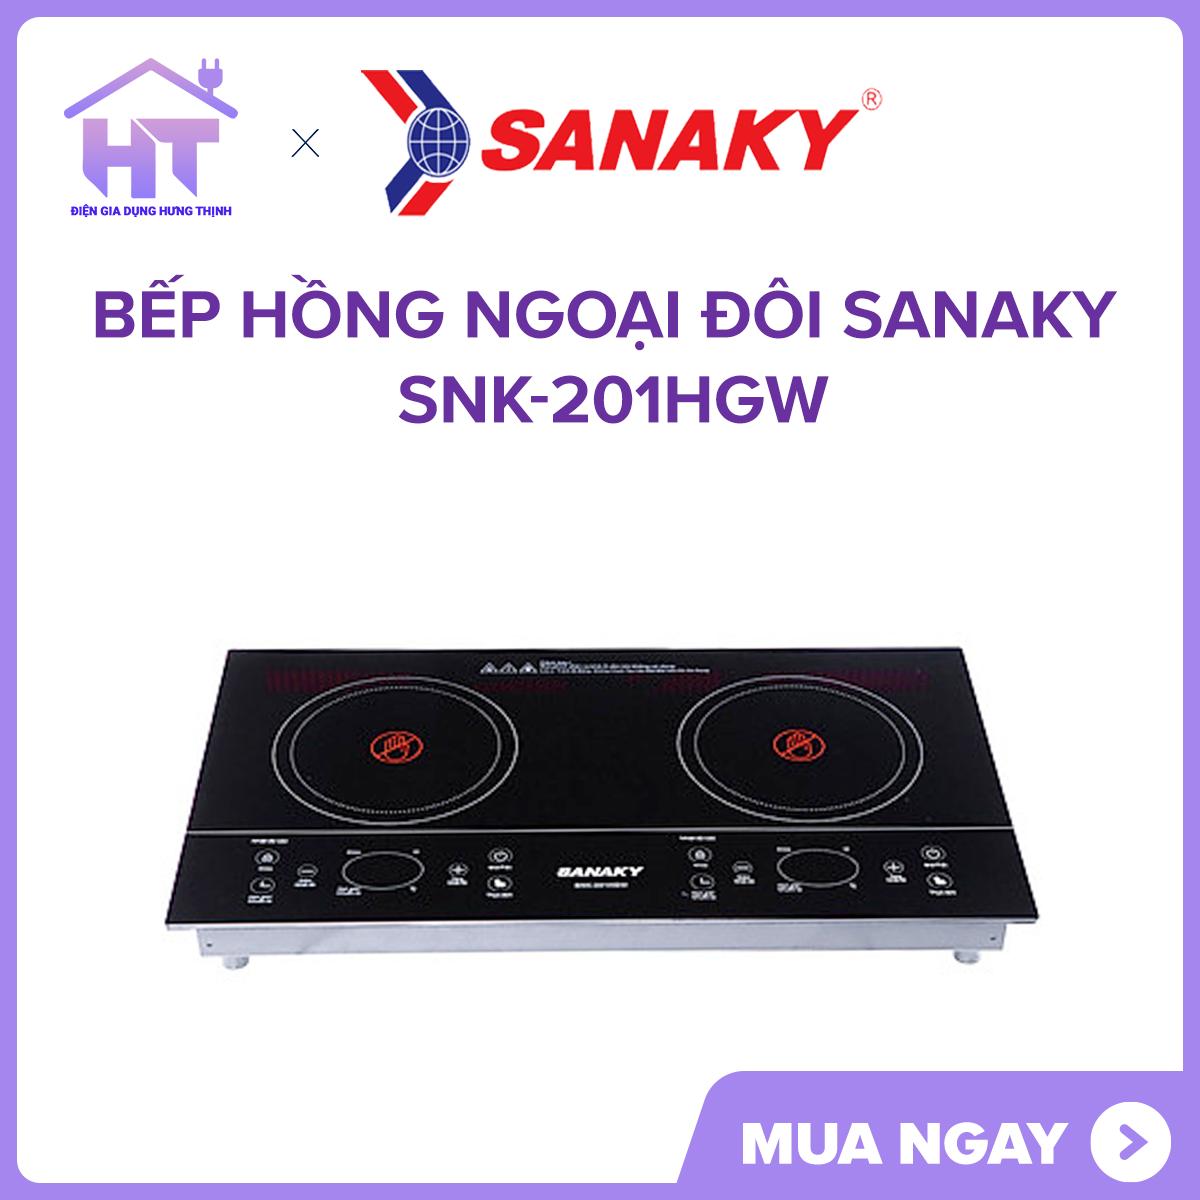 Bếp hồng ngoại đôi Sanaky SNK-201HGW Hàng Trưng Bày Mẫu Công suất 4000 W giúp nấu ăn nhanh hơn.